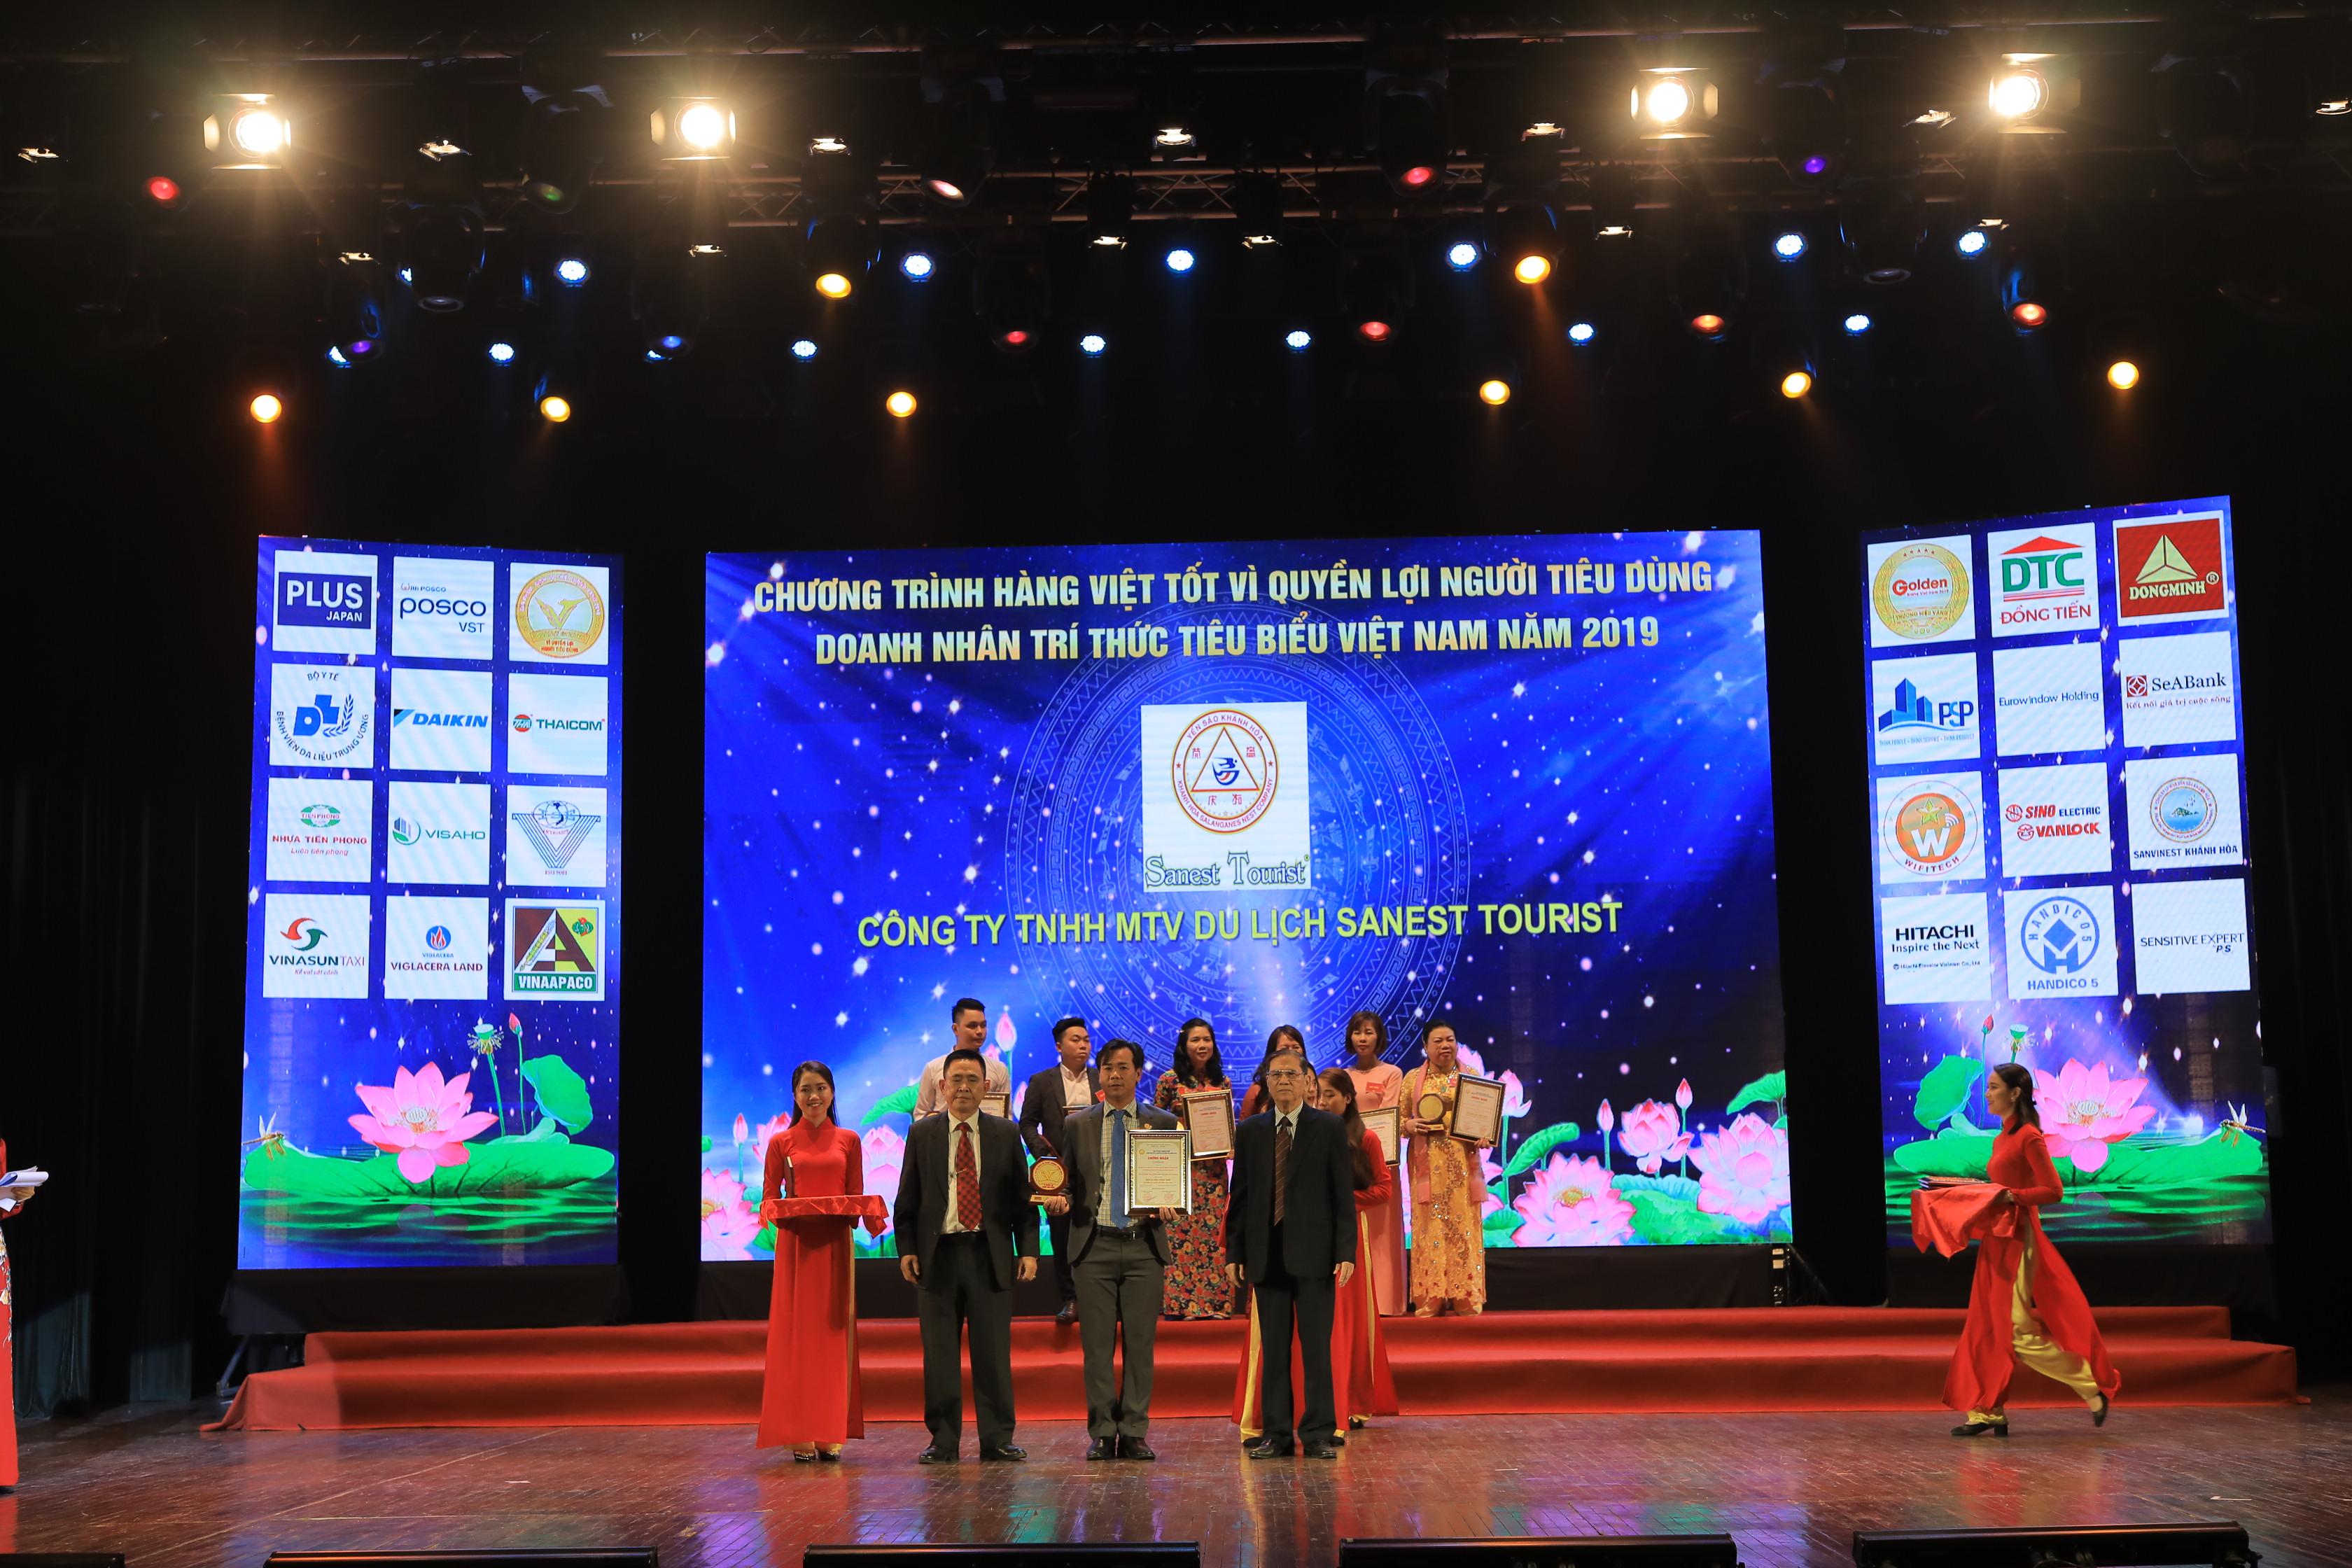 Thương hiệu Sanatech với Chương trình Xây dựng và Phát triển Nền Kinh tế Xanh Quốc Gia